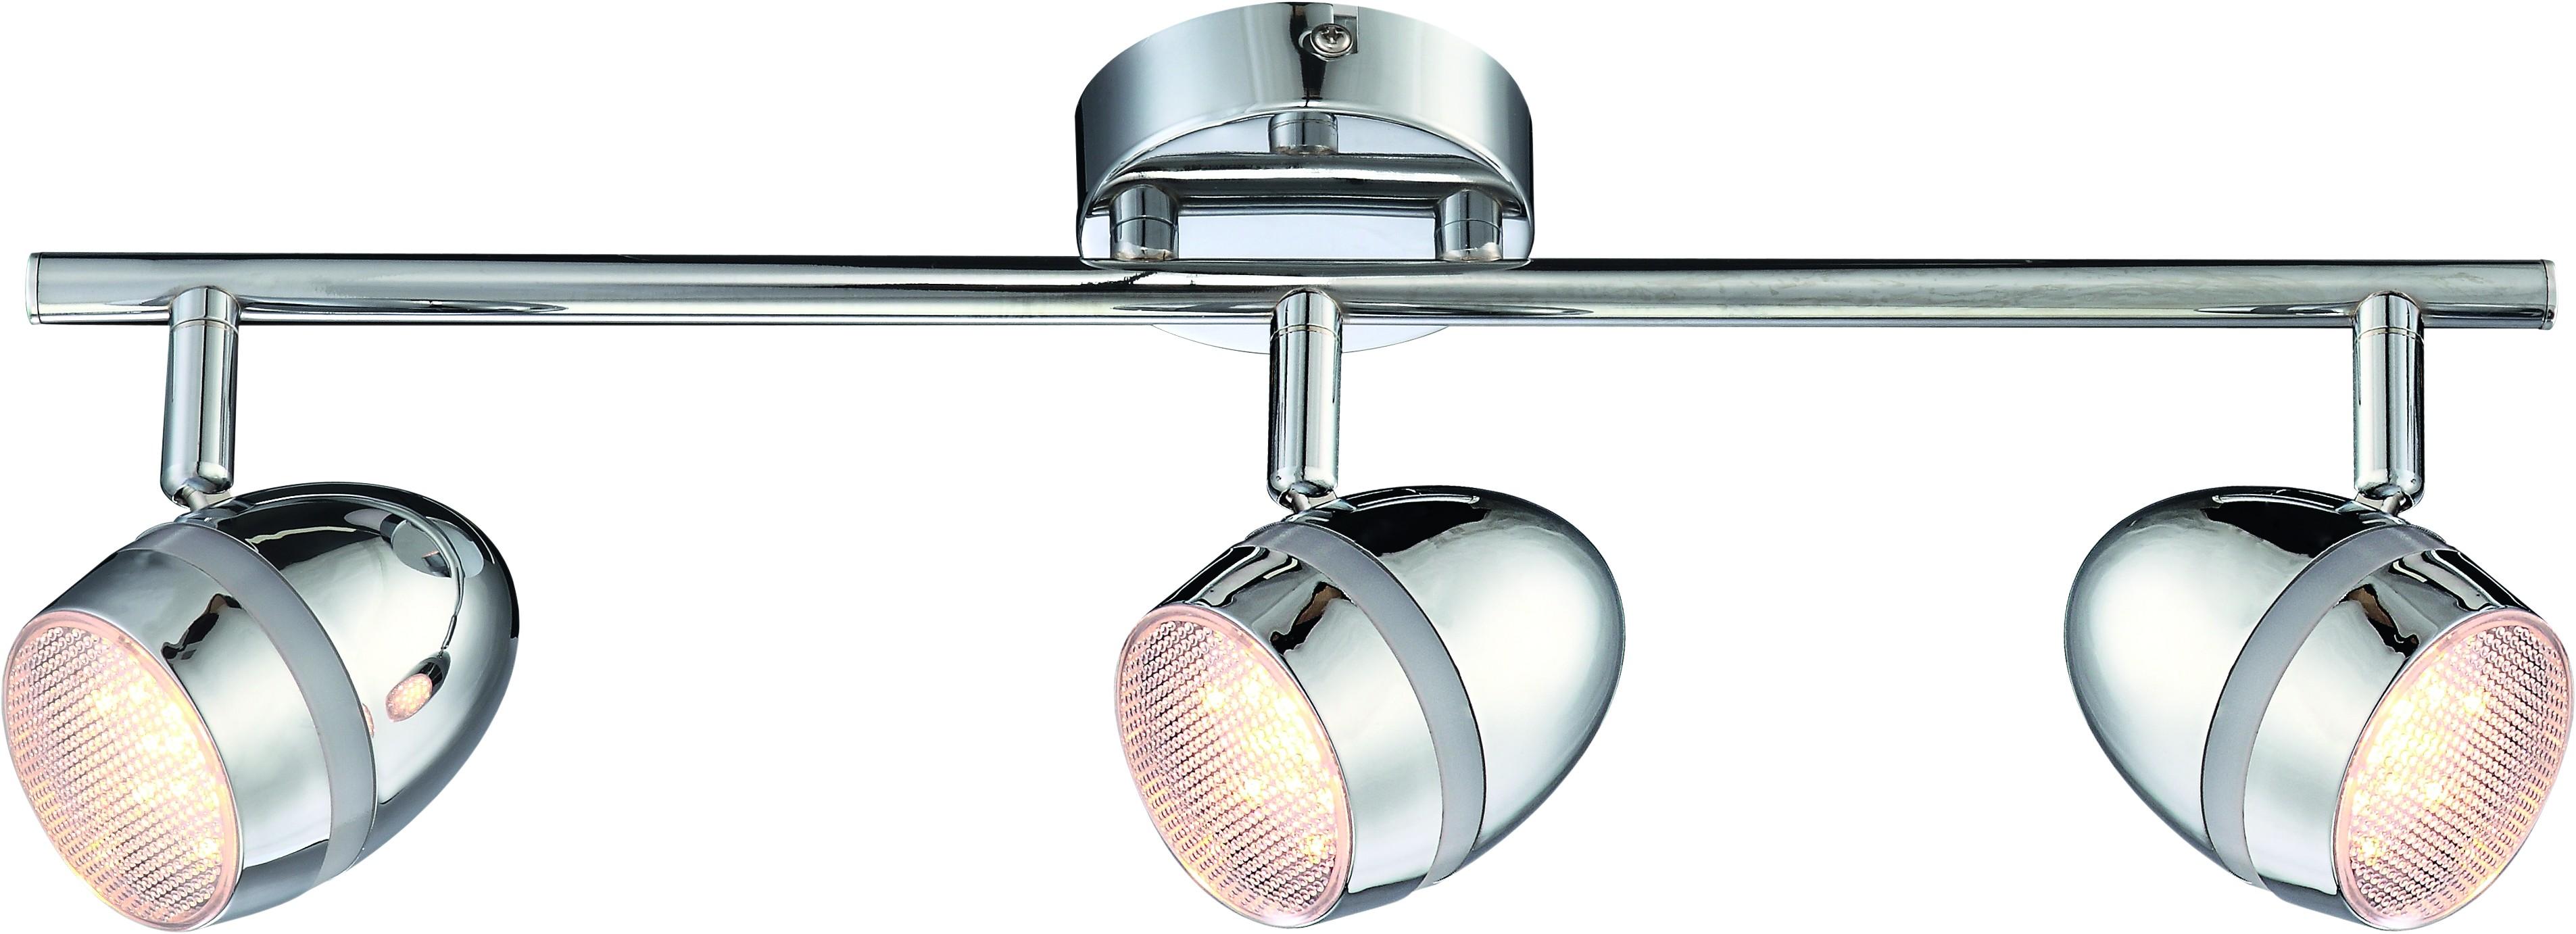 Спот Arte lamp A6701pl-3cc спот arte lamp ciambella a8972pl 3cc